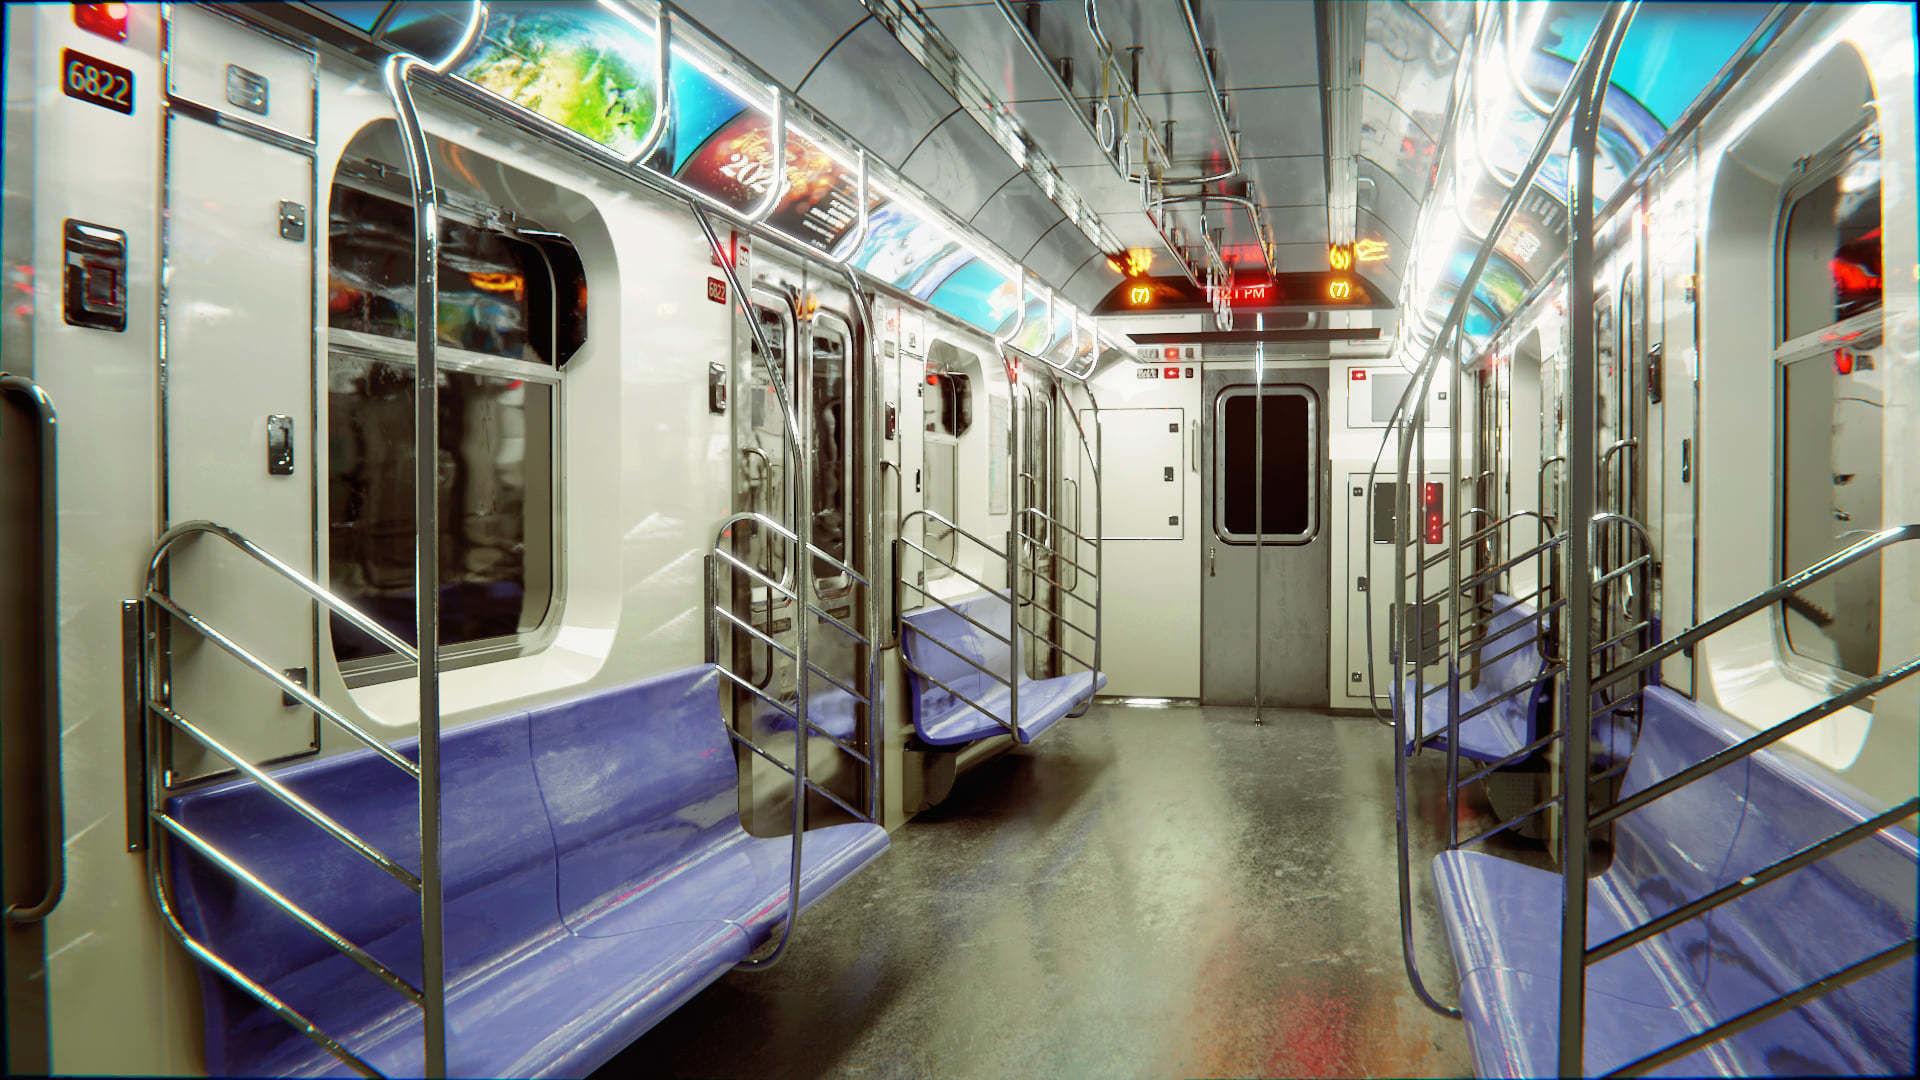 Subway Car Interior HDR